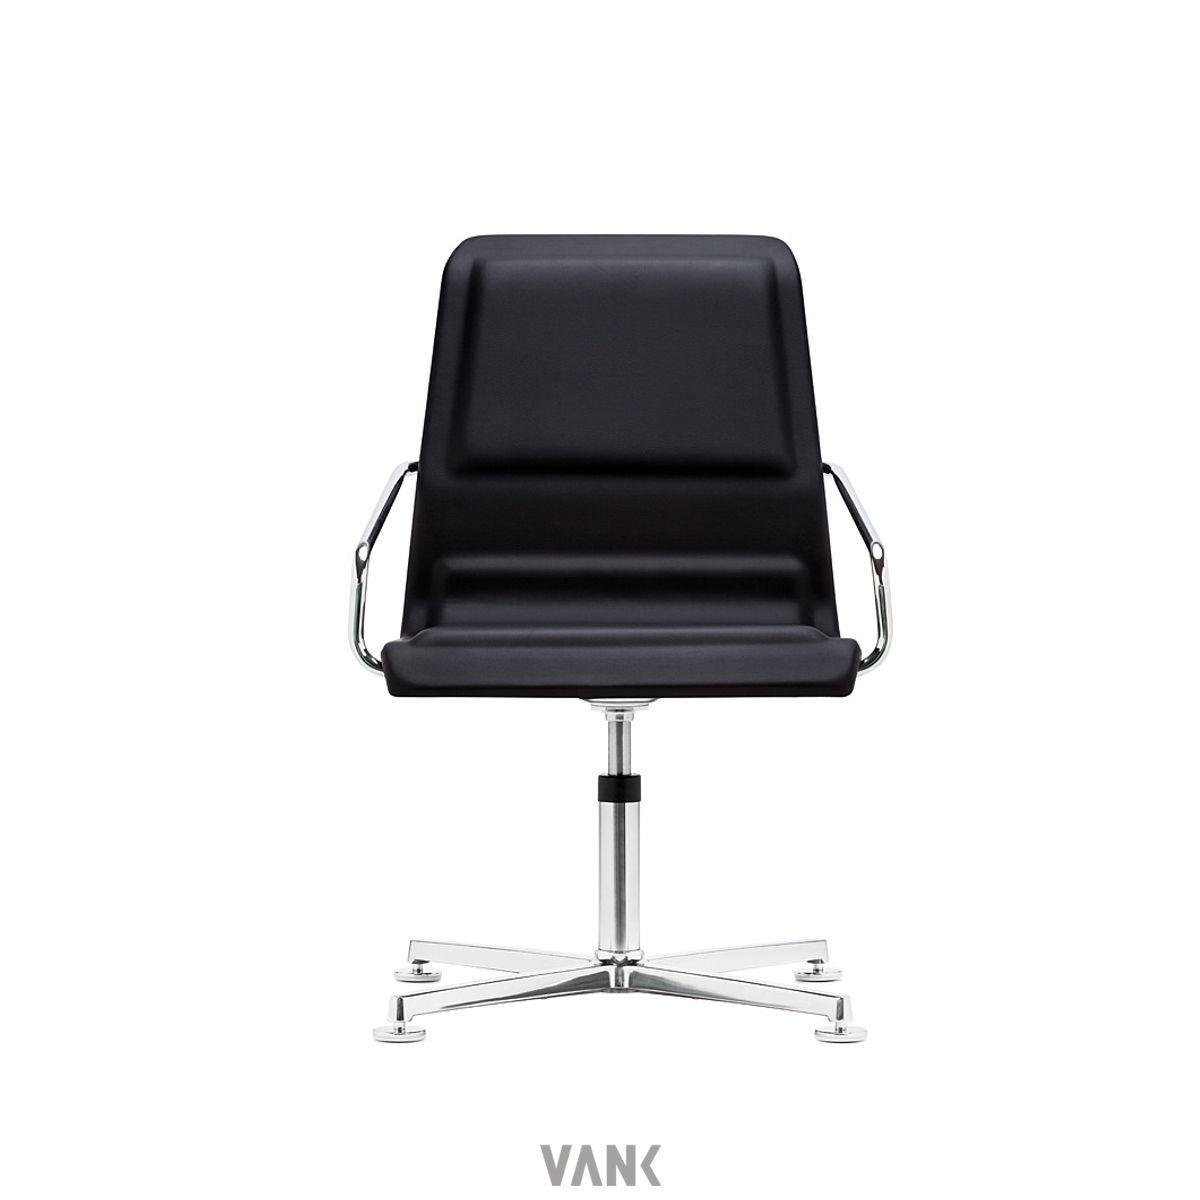 VANK-loit (1)